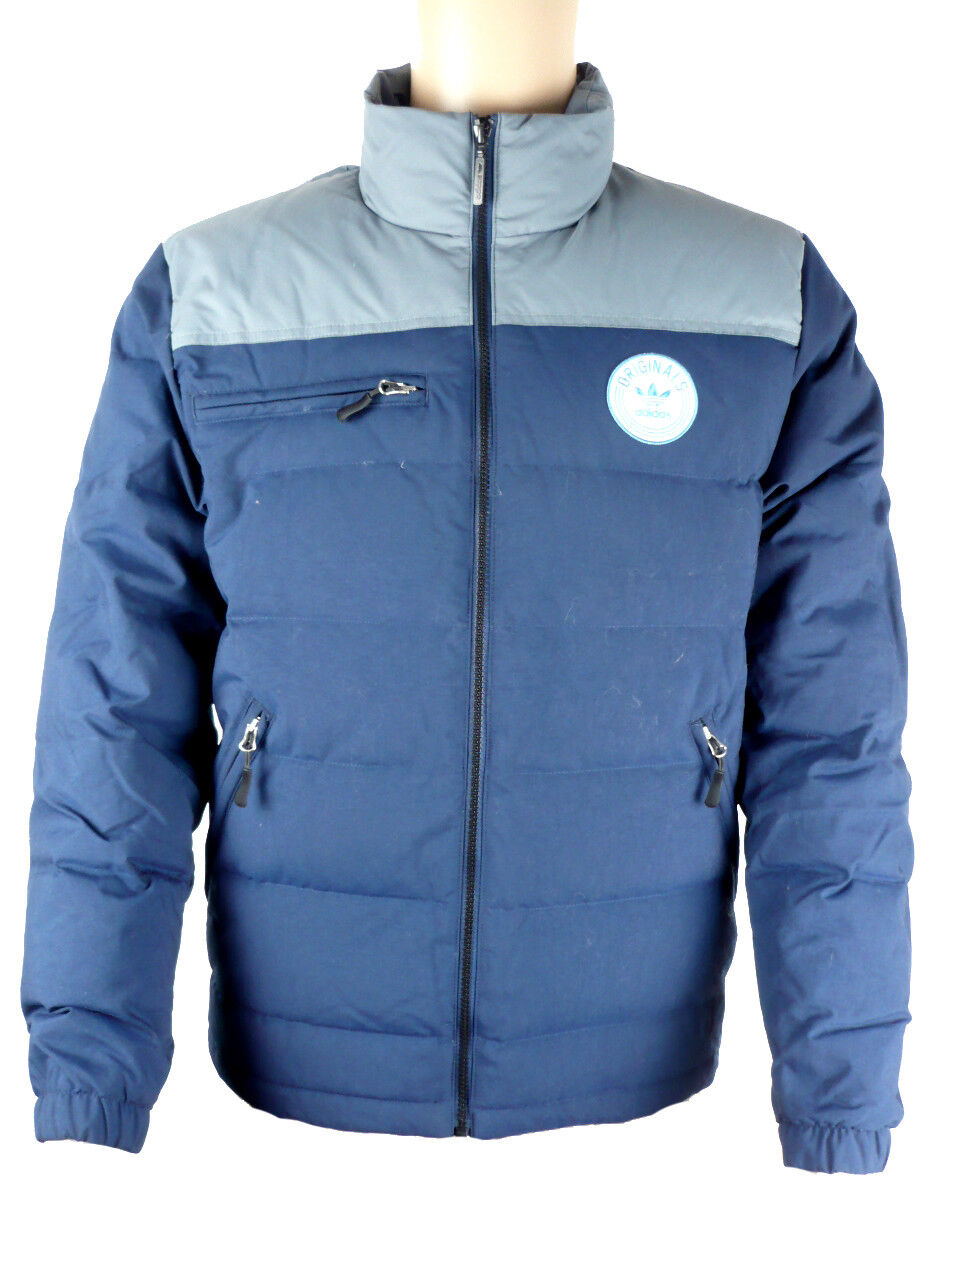 Adidas Originals Praezision Down Doudoune Sport Veste Veste D'Hiver Bleu